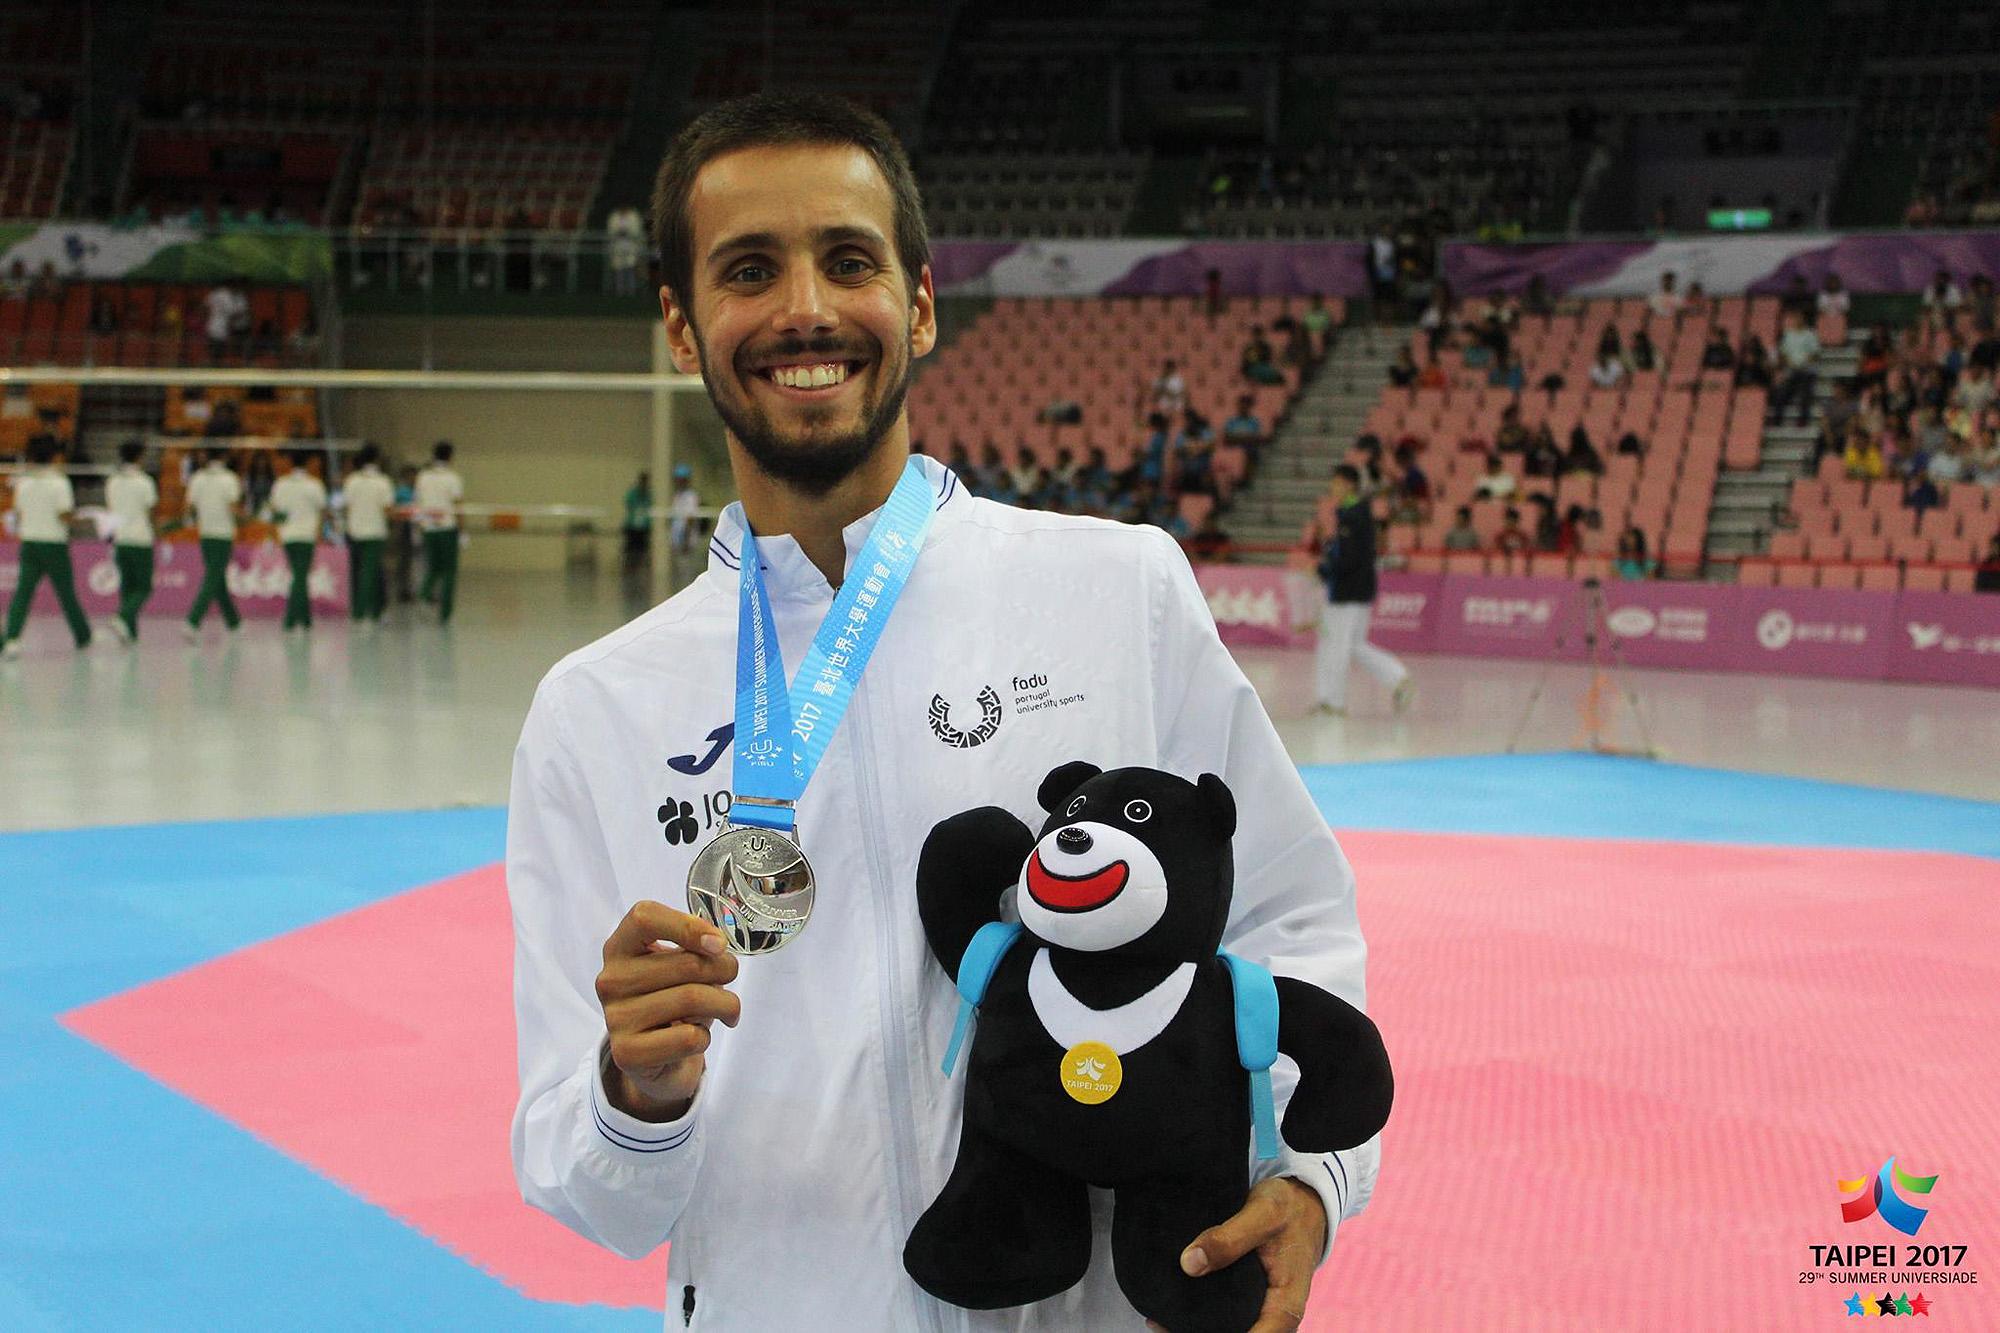 Na cidade de Taipei, em 2017, Rui Bragança somou a segunda medalha de prata por Portugal no Taekwondo.